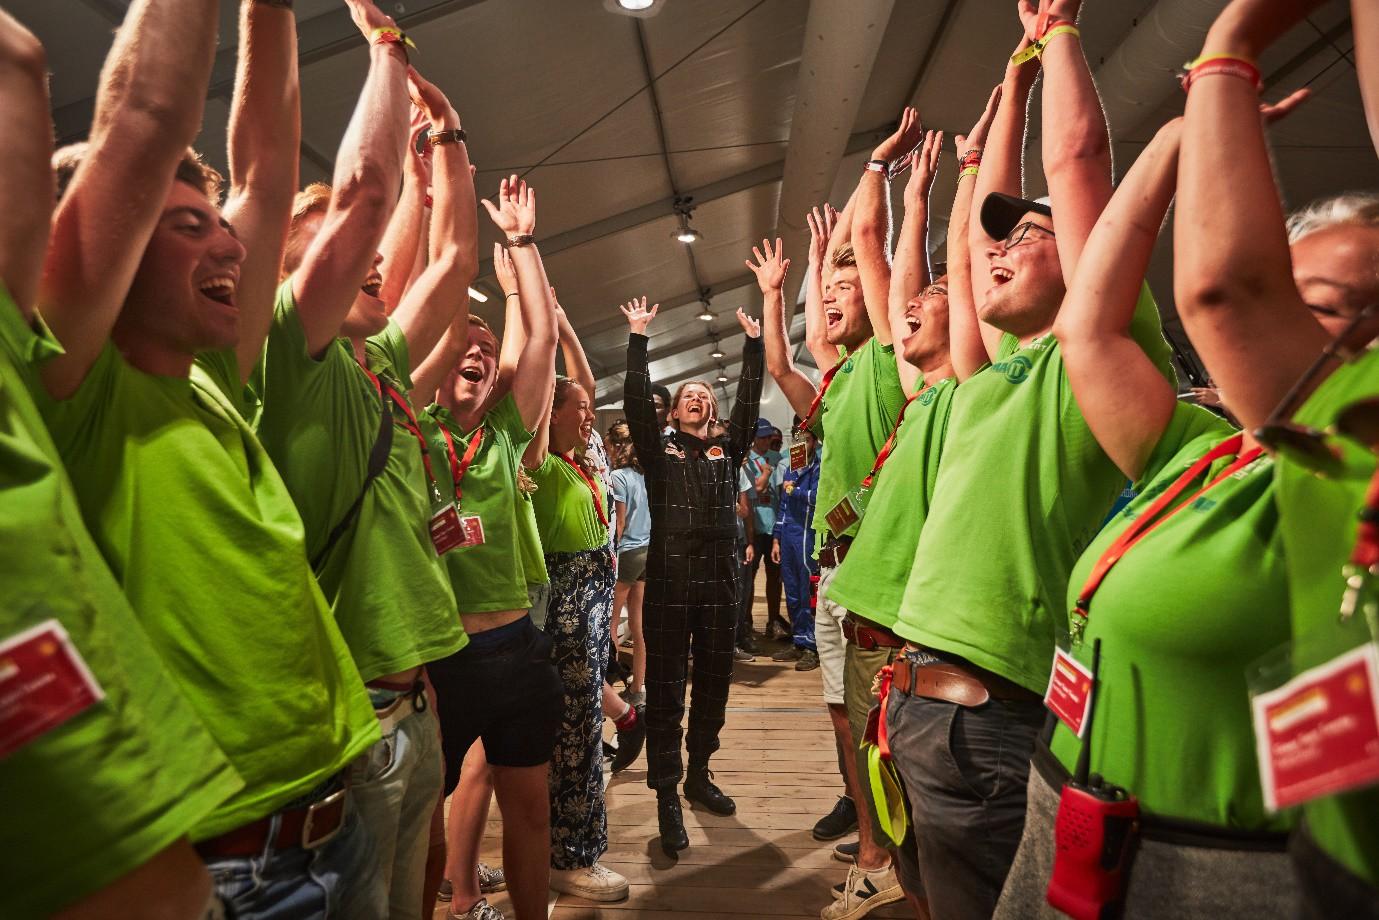 Đội LH-EST (trường Lạc Hồng) tham dự Giải Tay Đua Vô Địch Thế Giới: Một hành trình đầy thử thách nhưng tràn ngập sự thích thú - Ảnh 9.